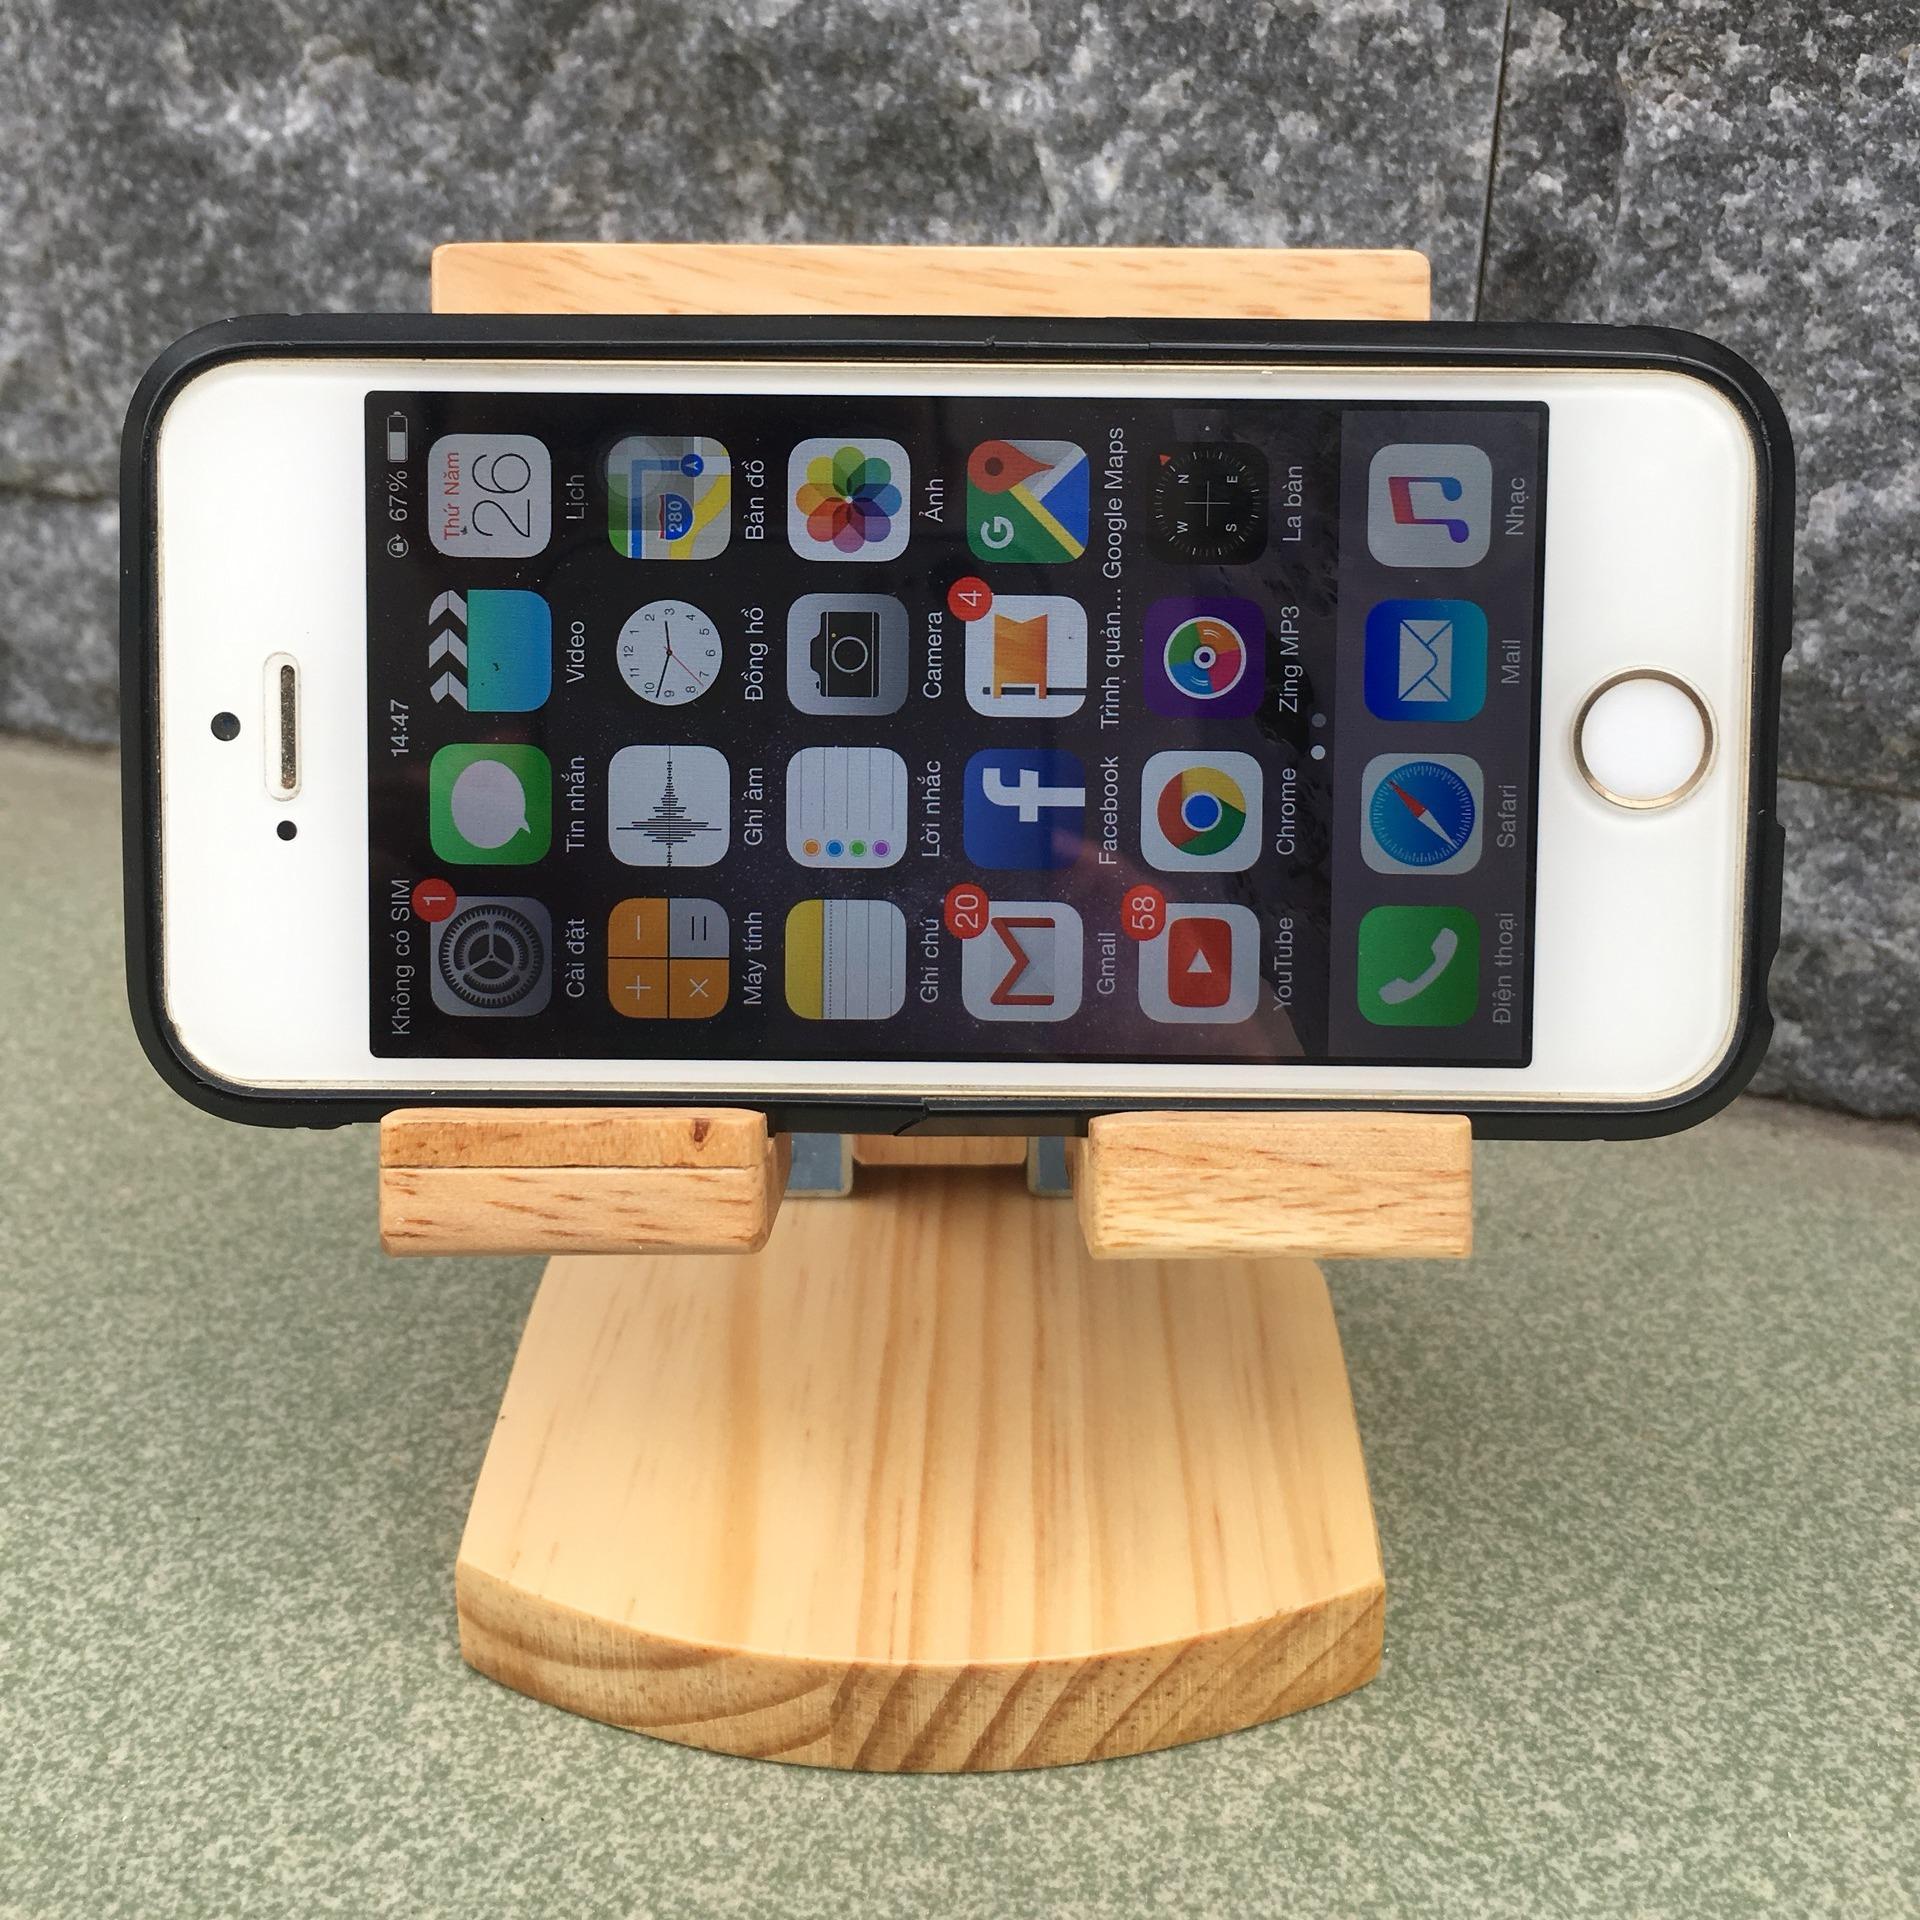 [VIDEO SP THẬT] Giá đỡ điện thoại, kệ điện thoại bằng gỗ xếp gập tiện dụng